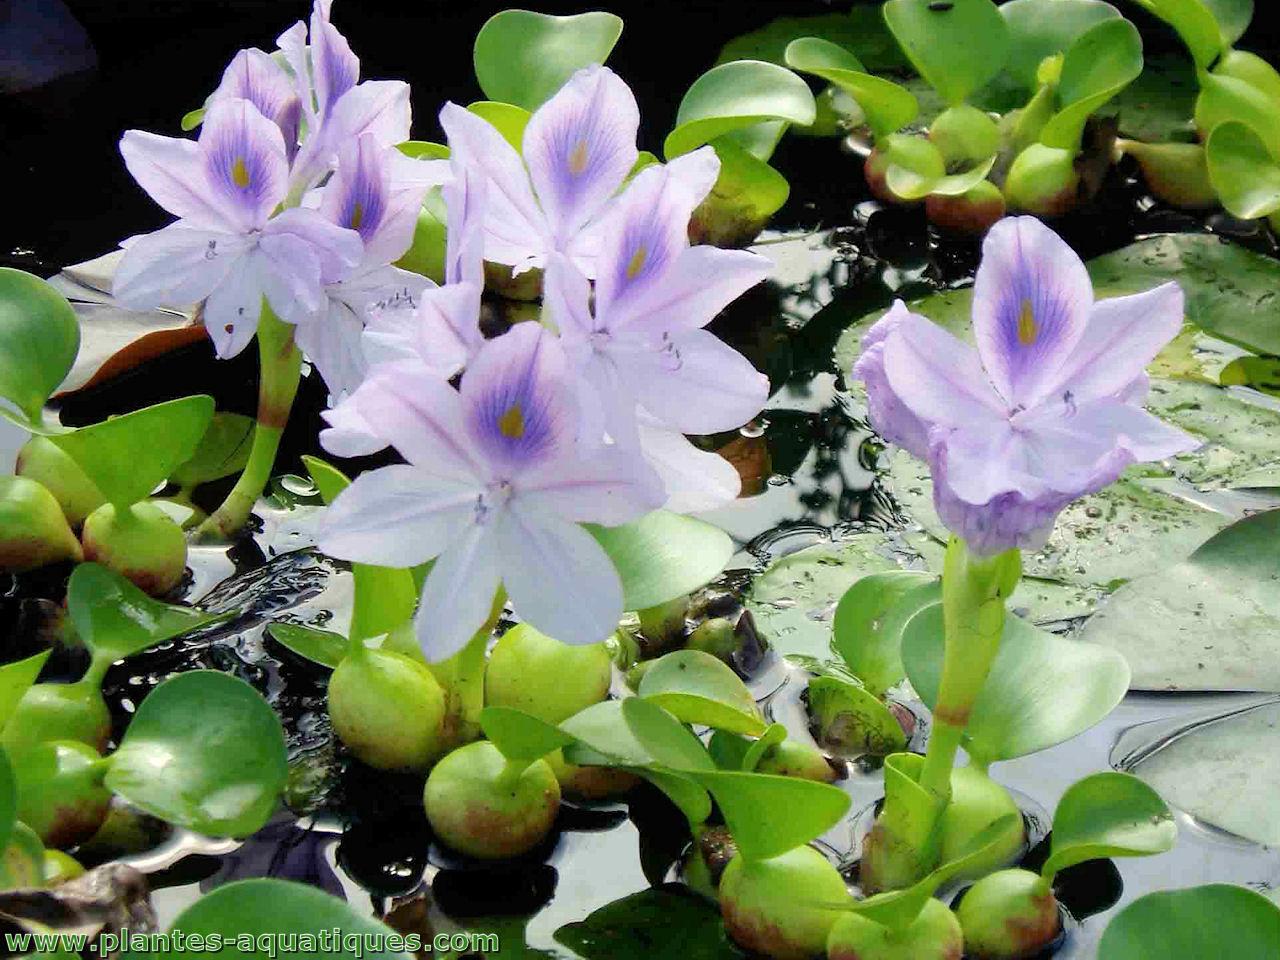 Les Plantes Aquatiques Incontournables Dans Le Jardinle ... tout Plante Bassin De Jardin